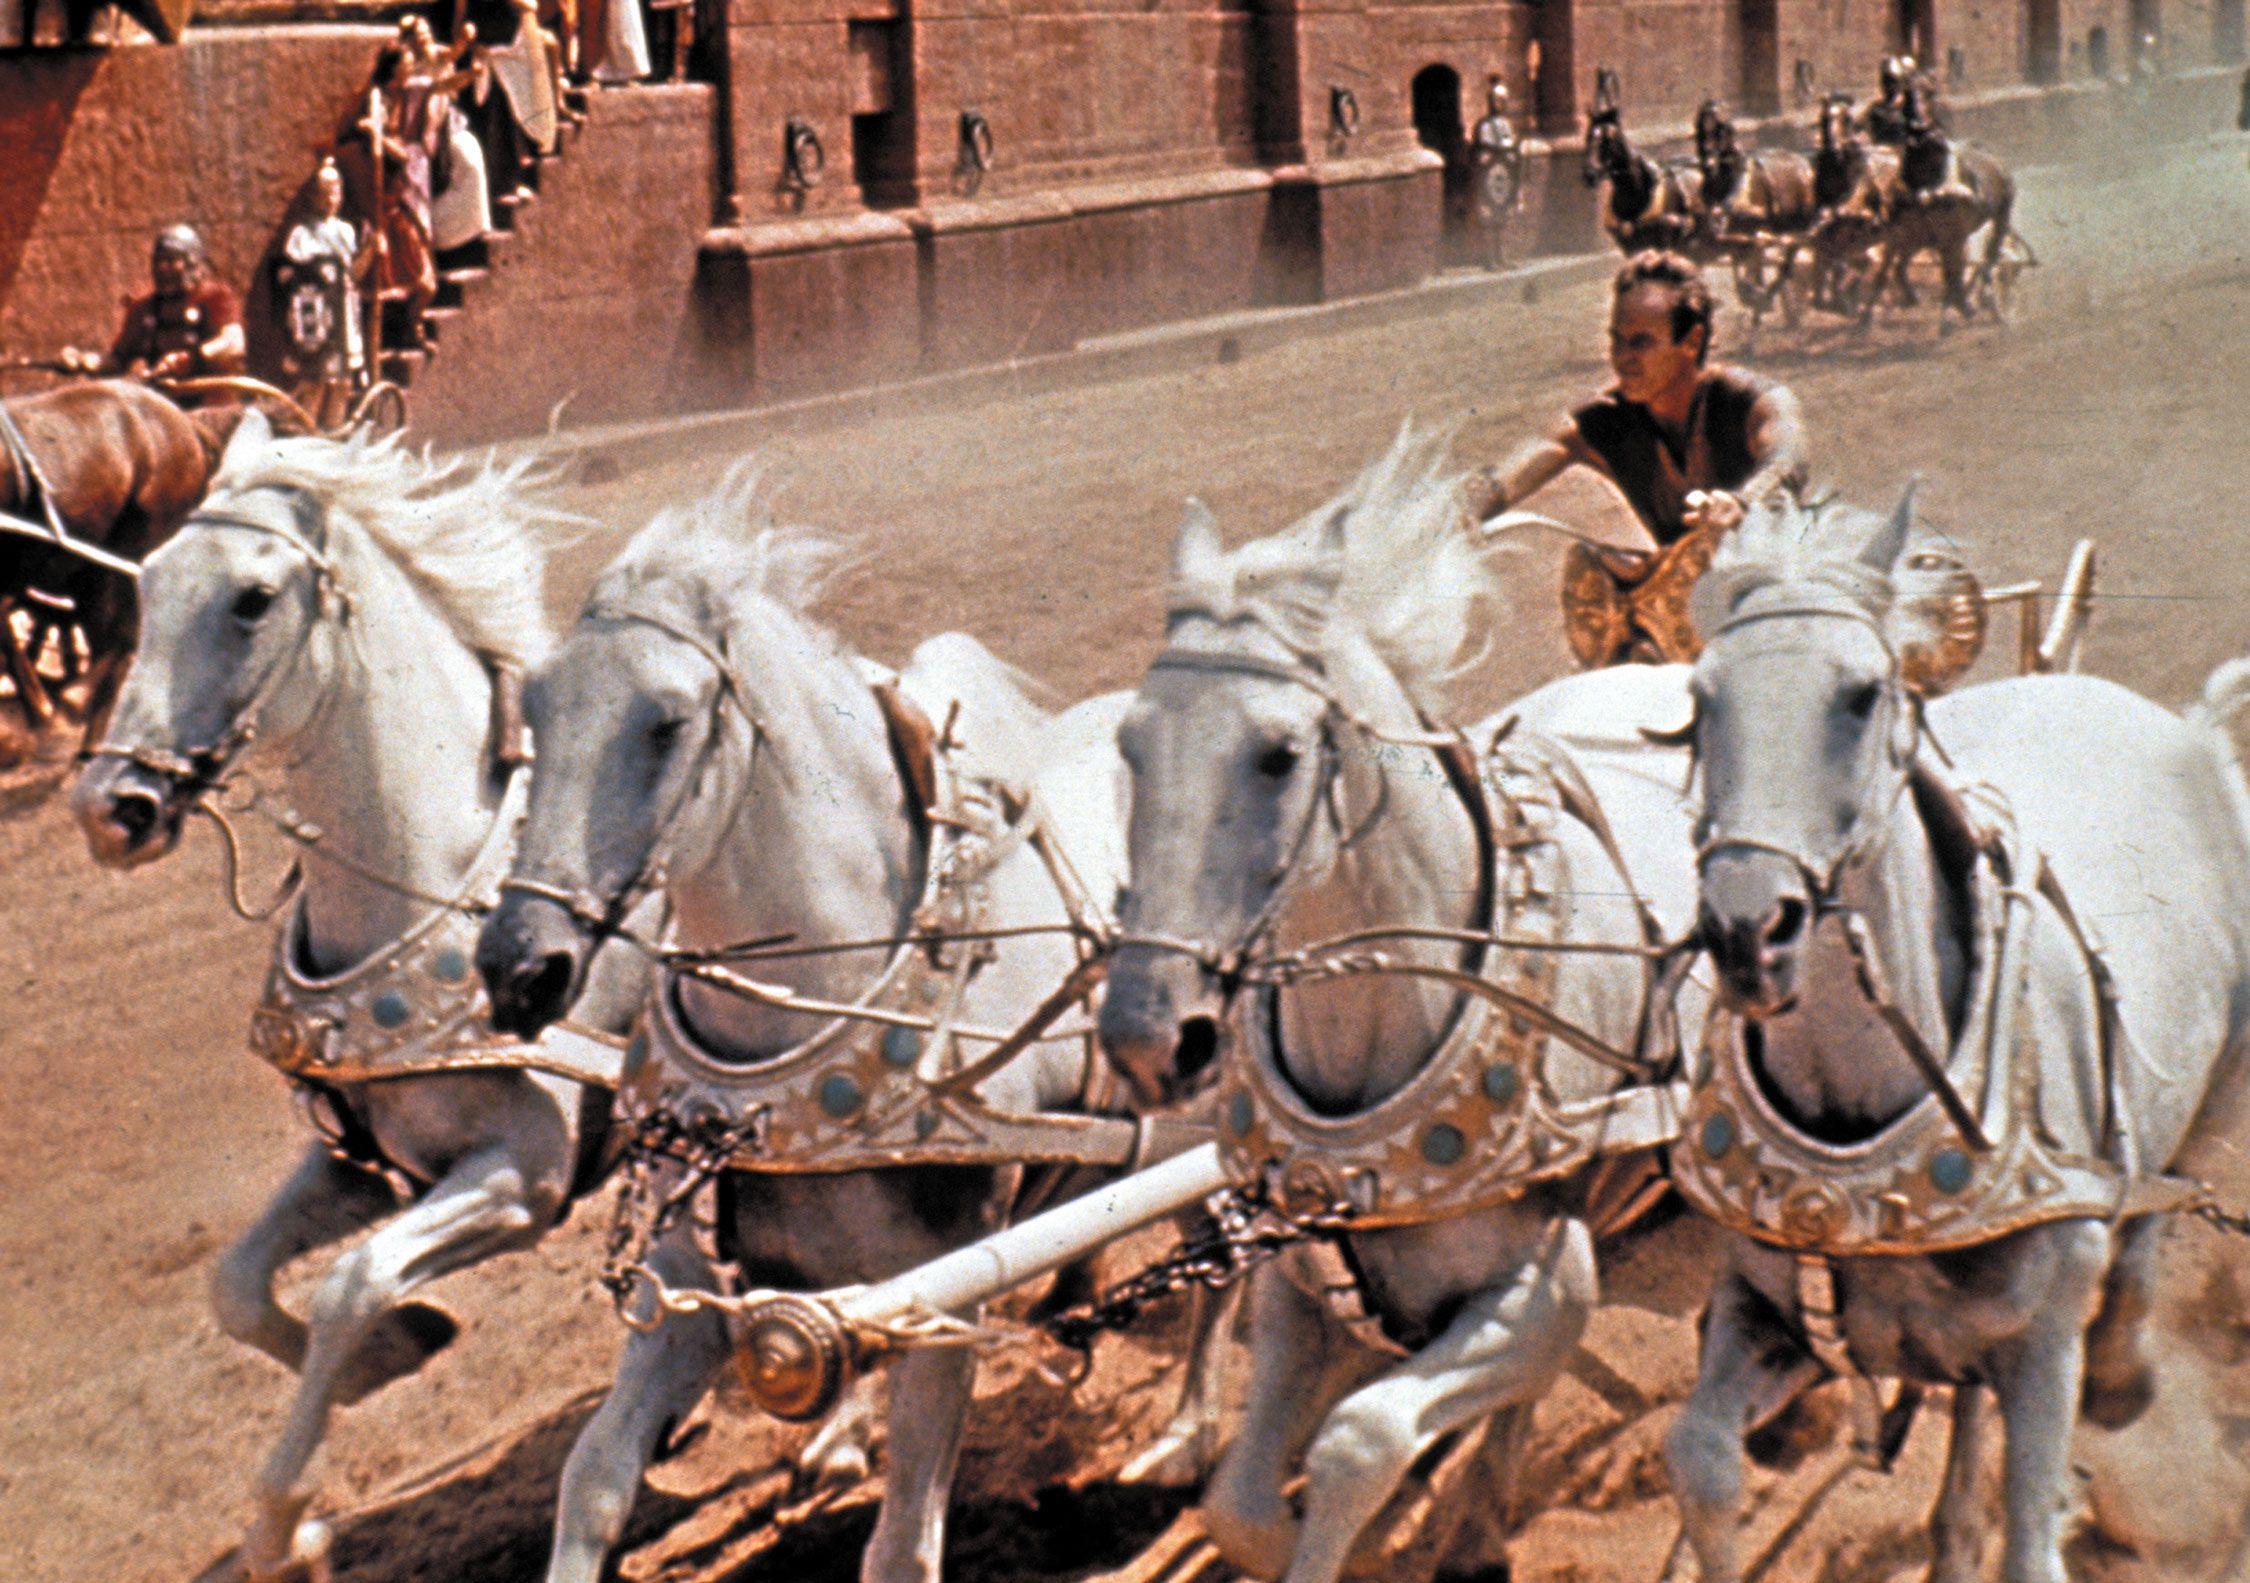 Ben-Hur a Matera: il remake verrà girato nella città dei Sassi dal 2 febbraio 2015